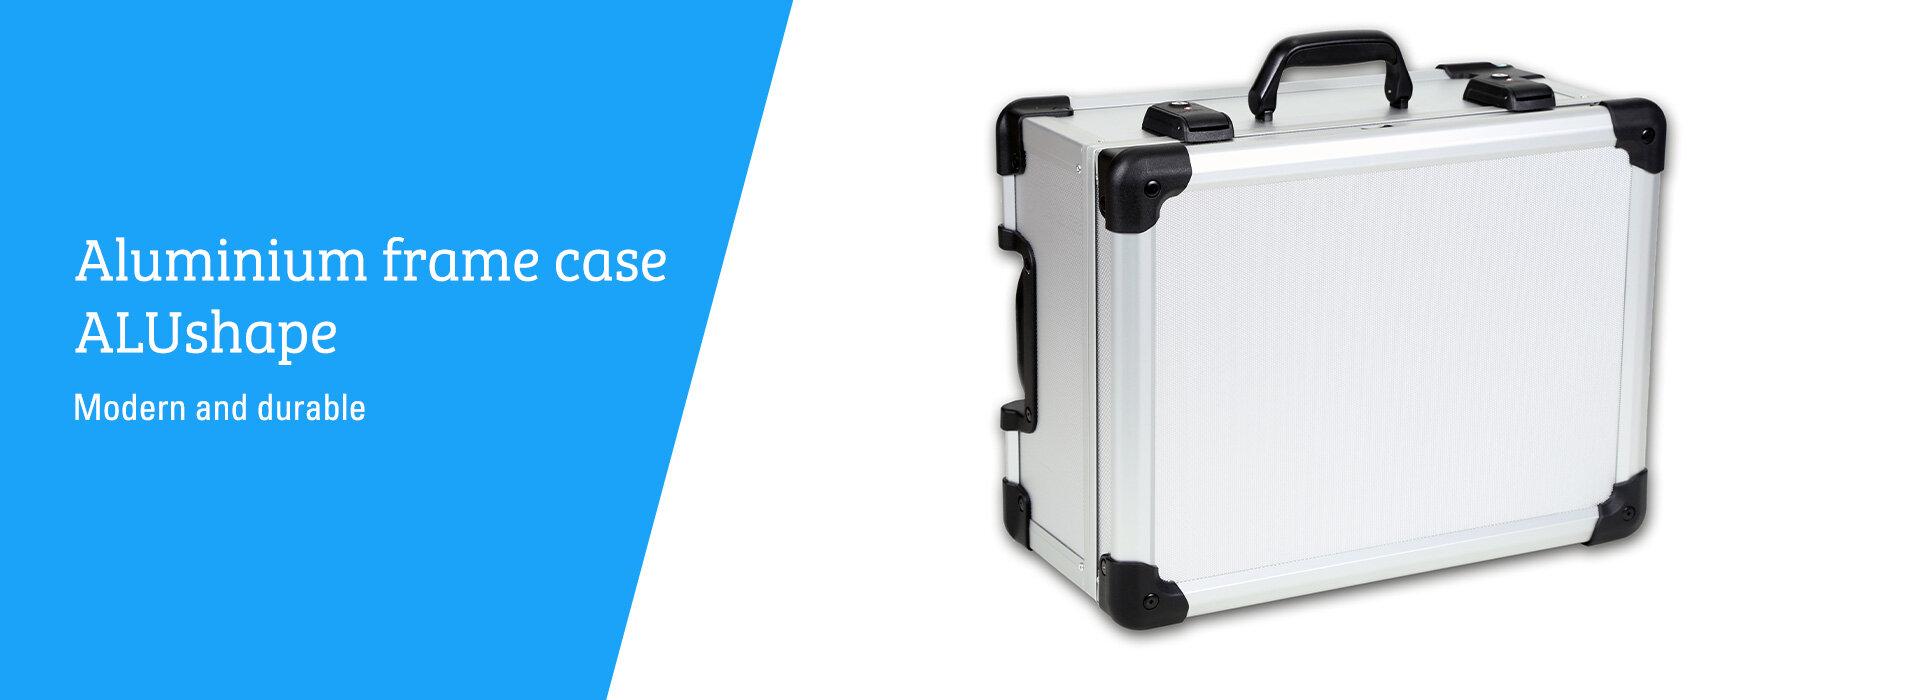 Aluminium case ALUshape